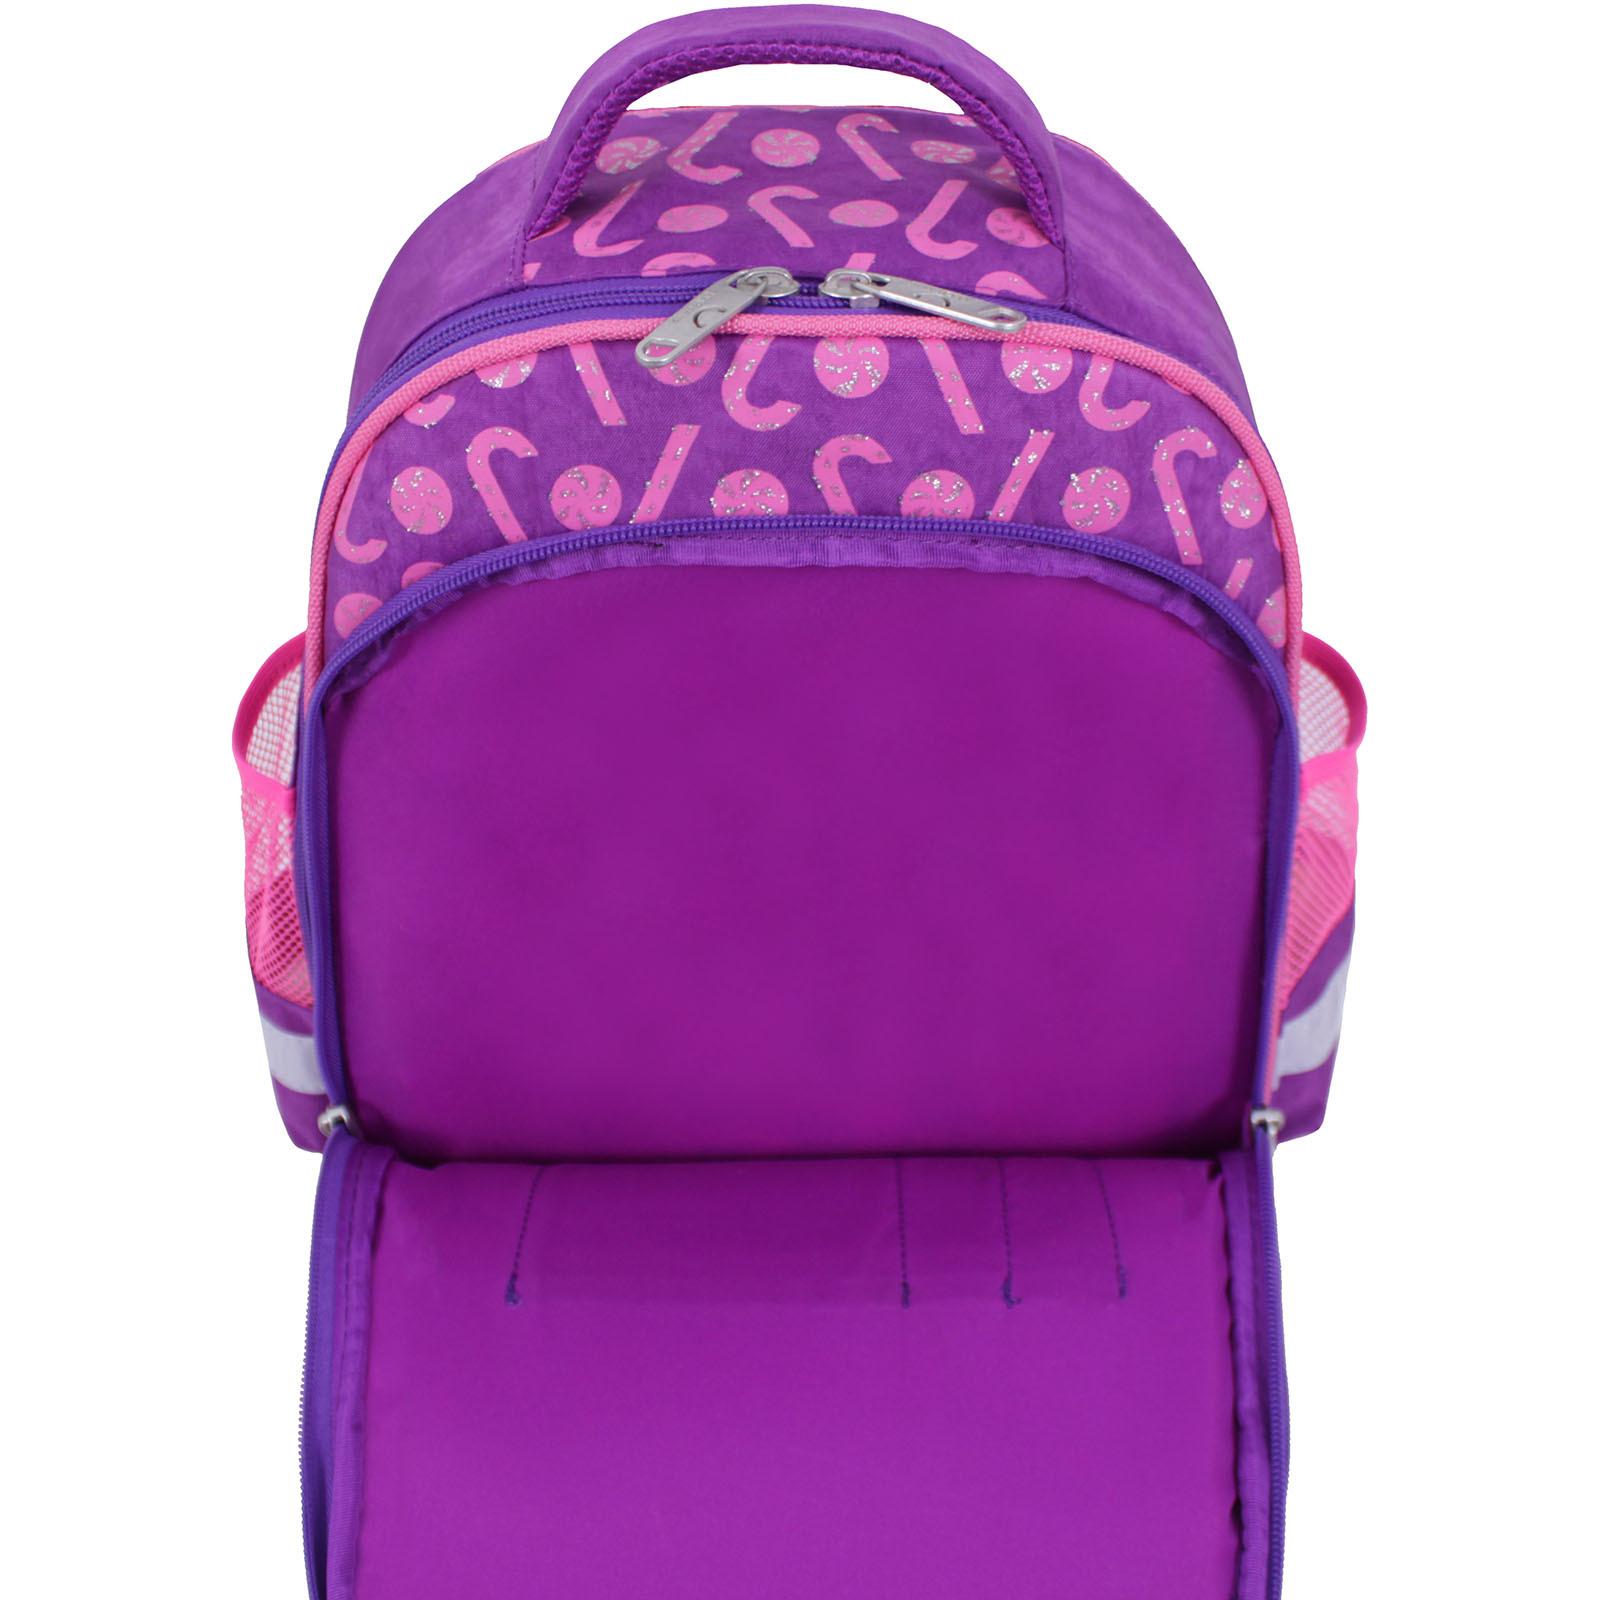 Рюкзак школьный Bagland Mouse 339 фиолетовый 409 (0051370) фото 4